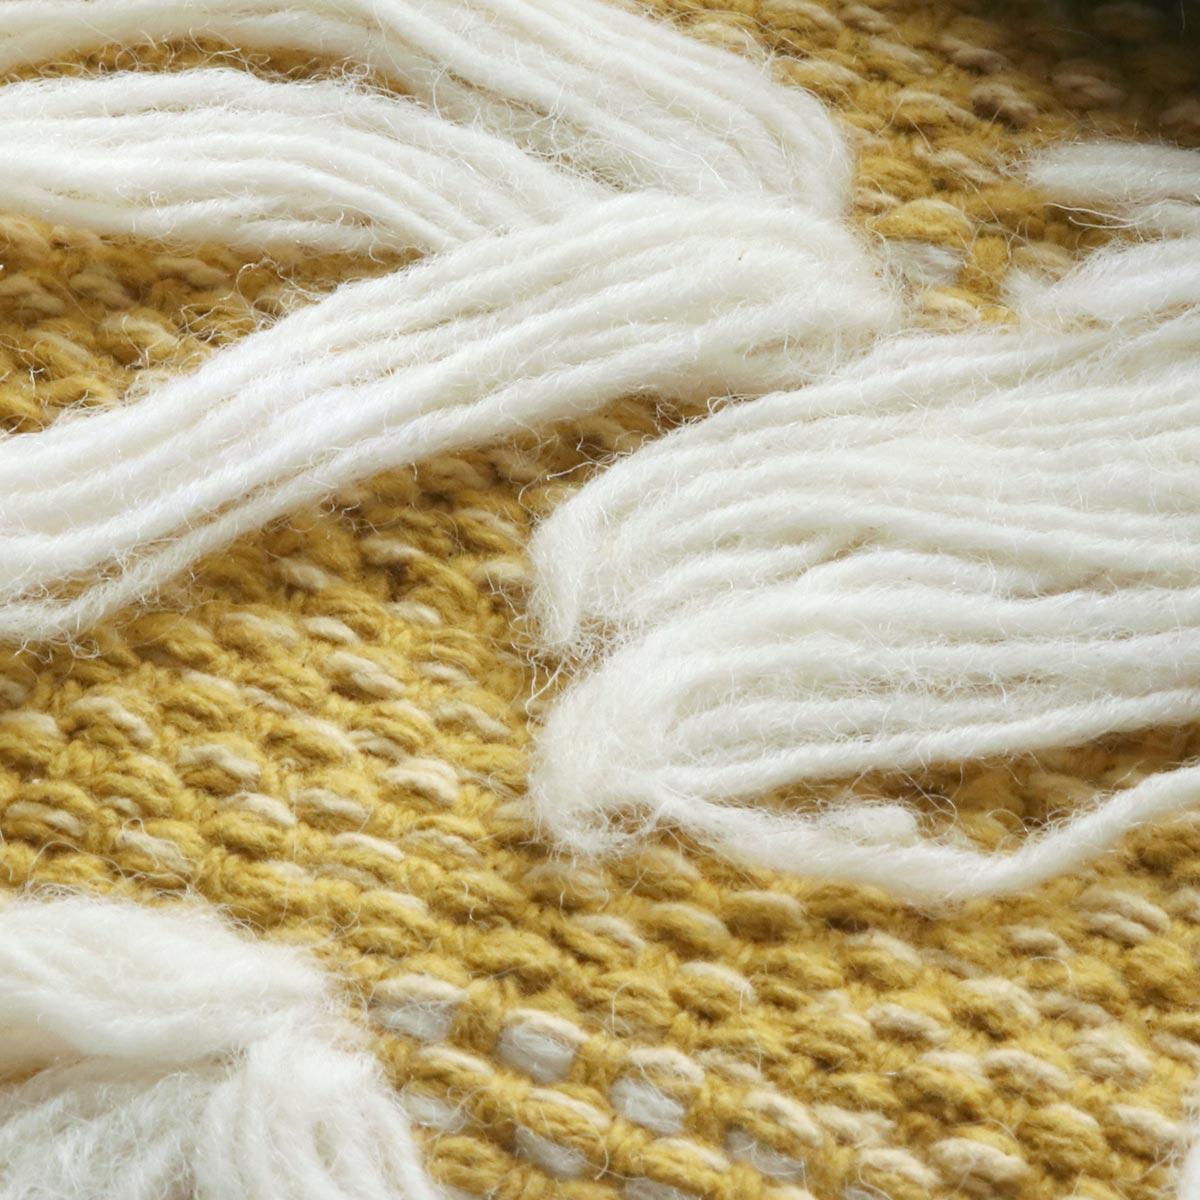 平織の部分。丁寧に織り込まれています。